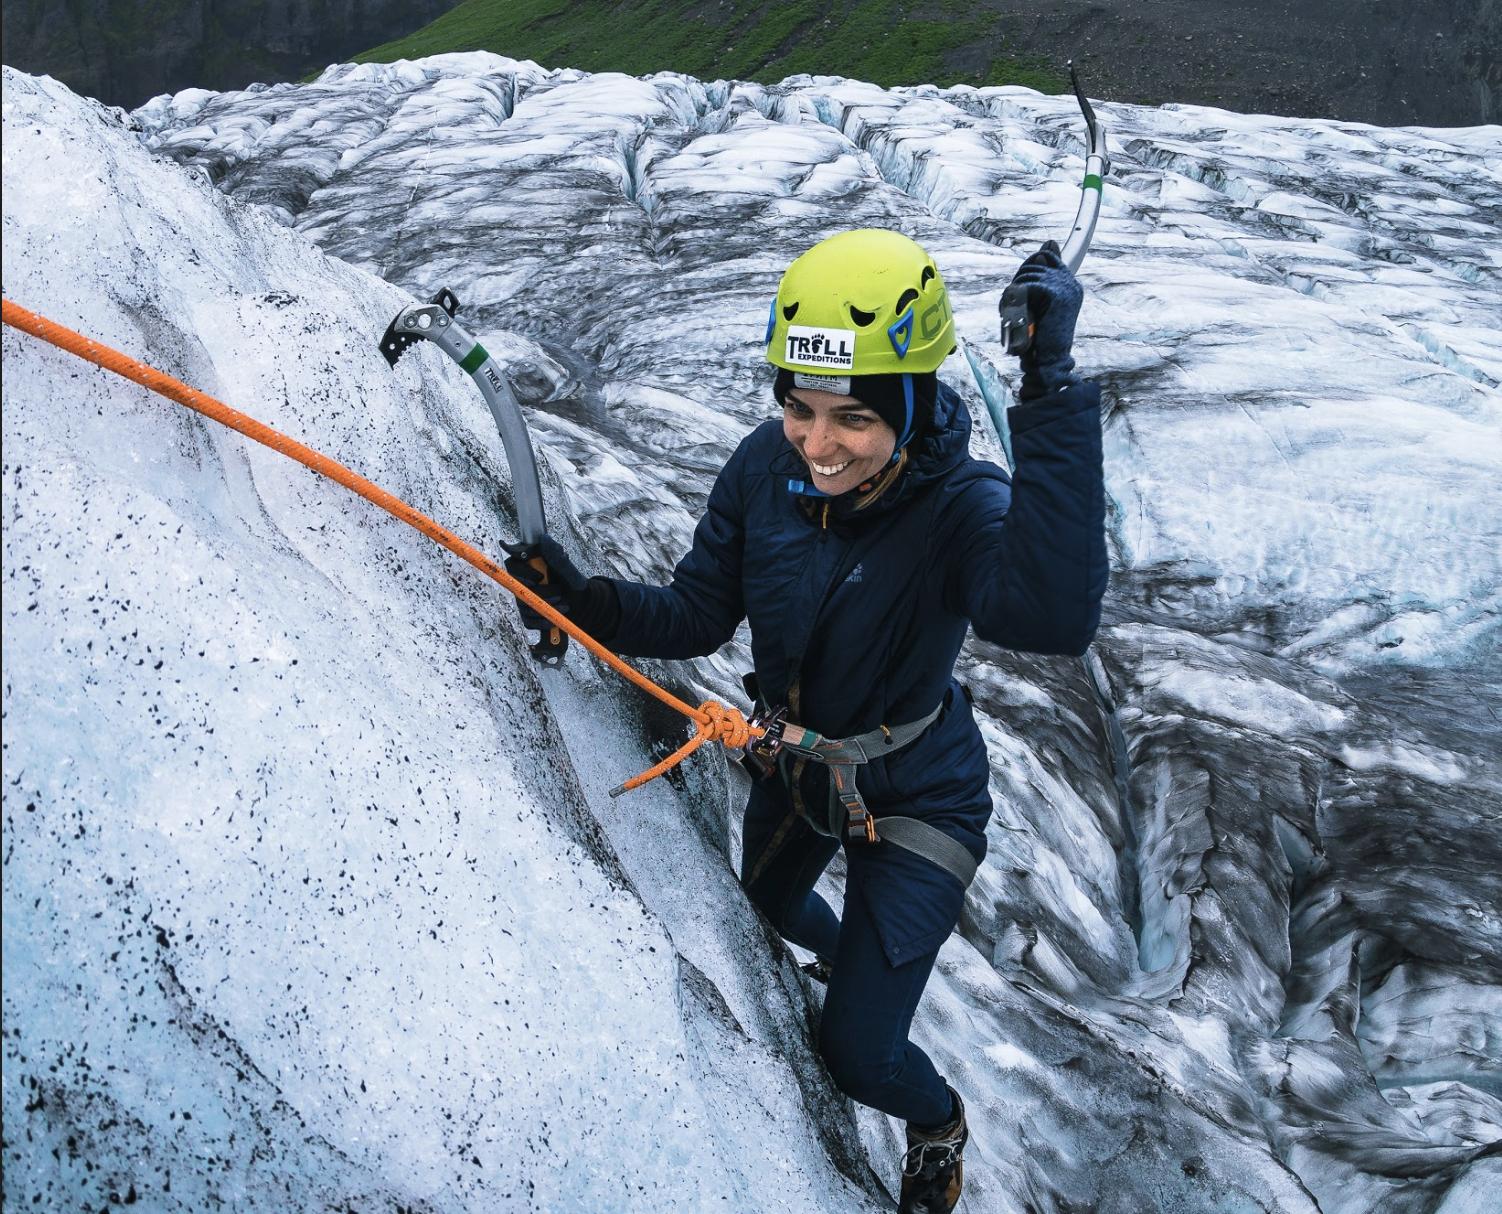 La escalada en hielo es una clásica aventura islandesa.